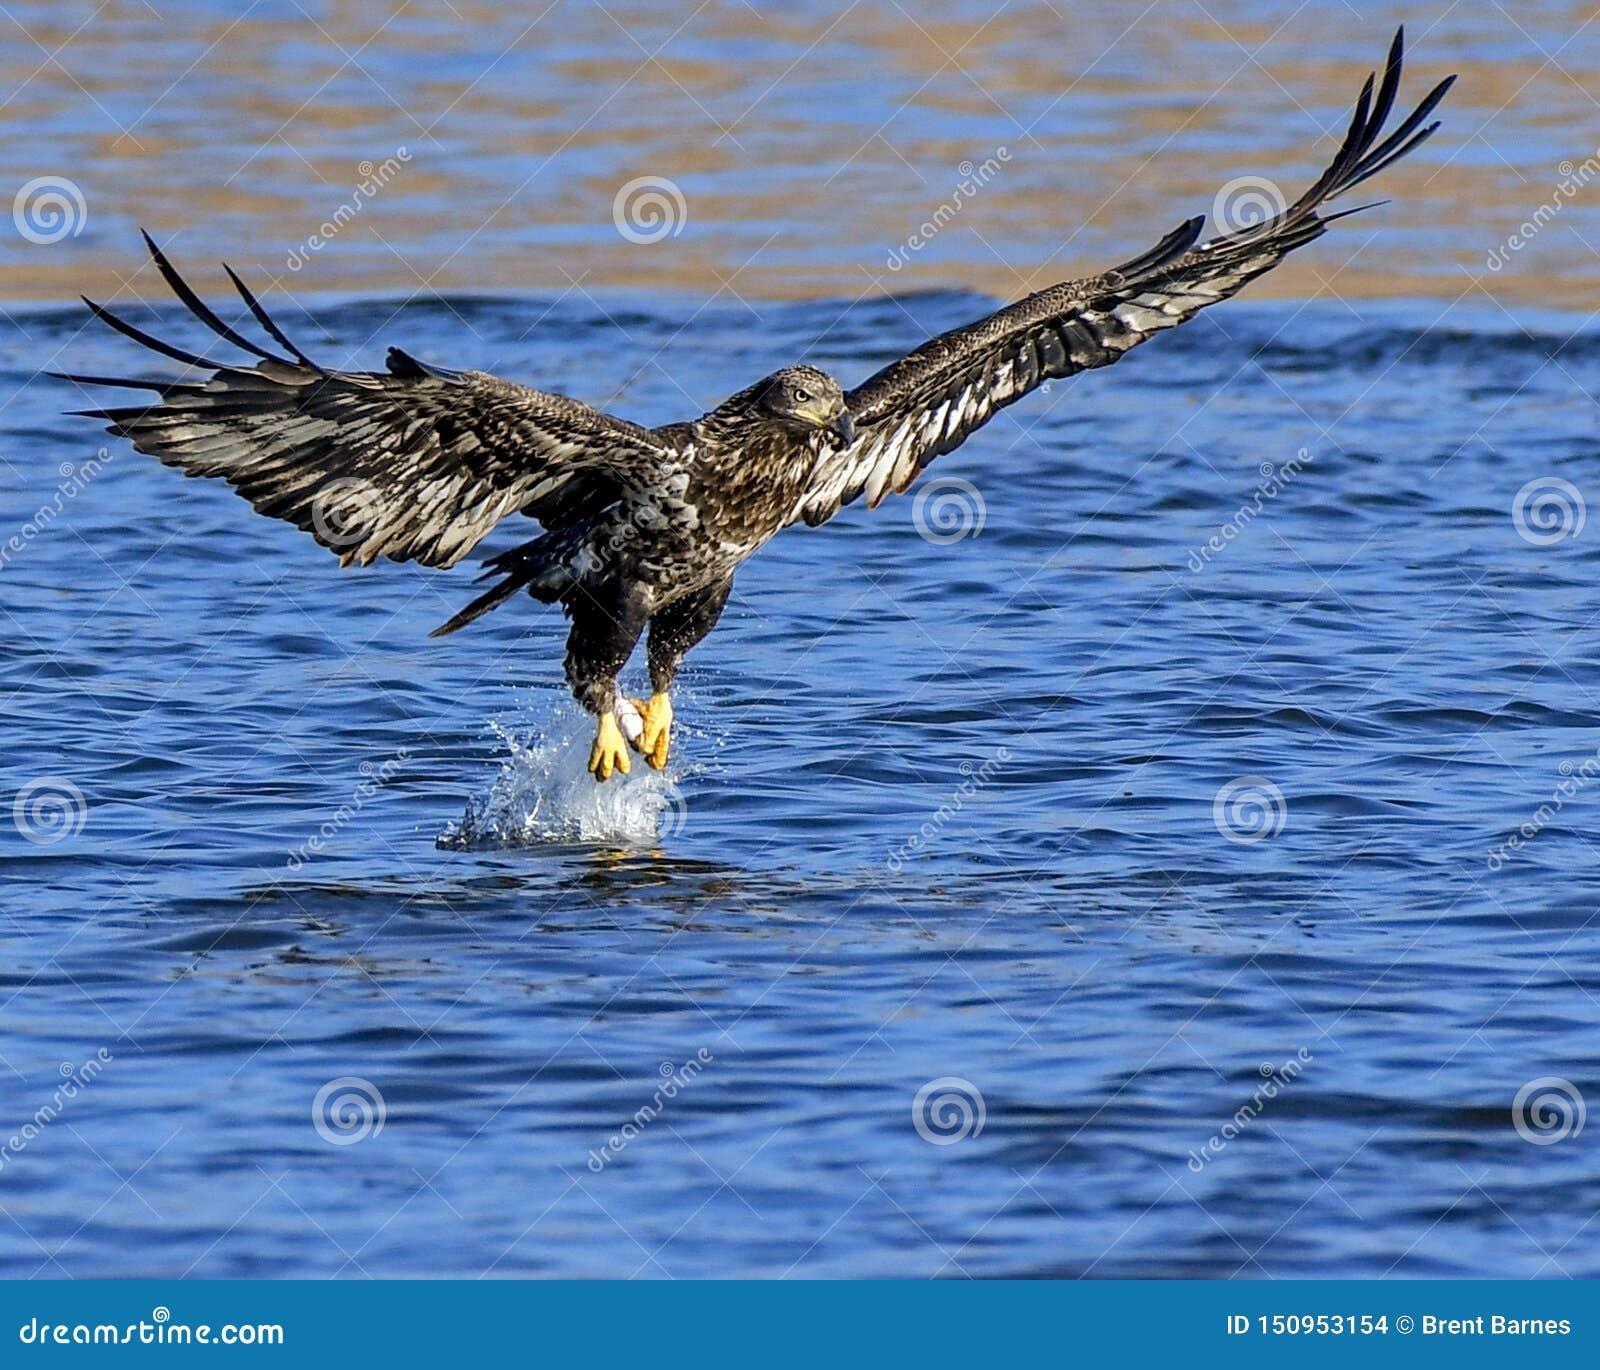 A Juvenile Bald Eagle Captures a Fish